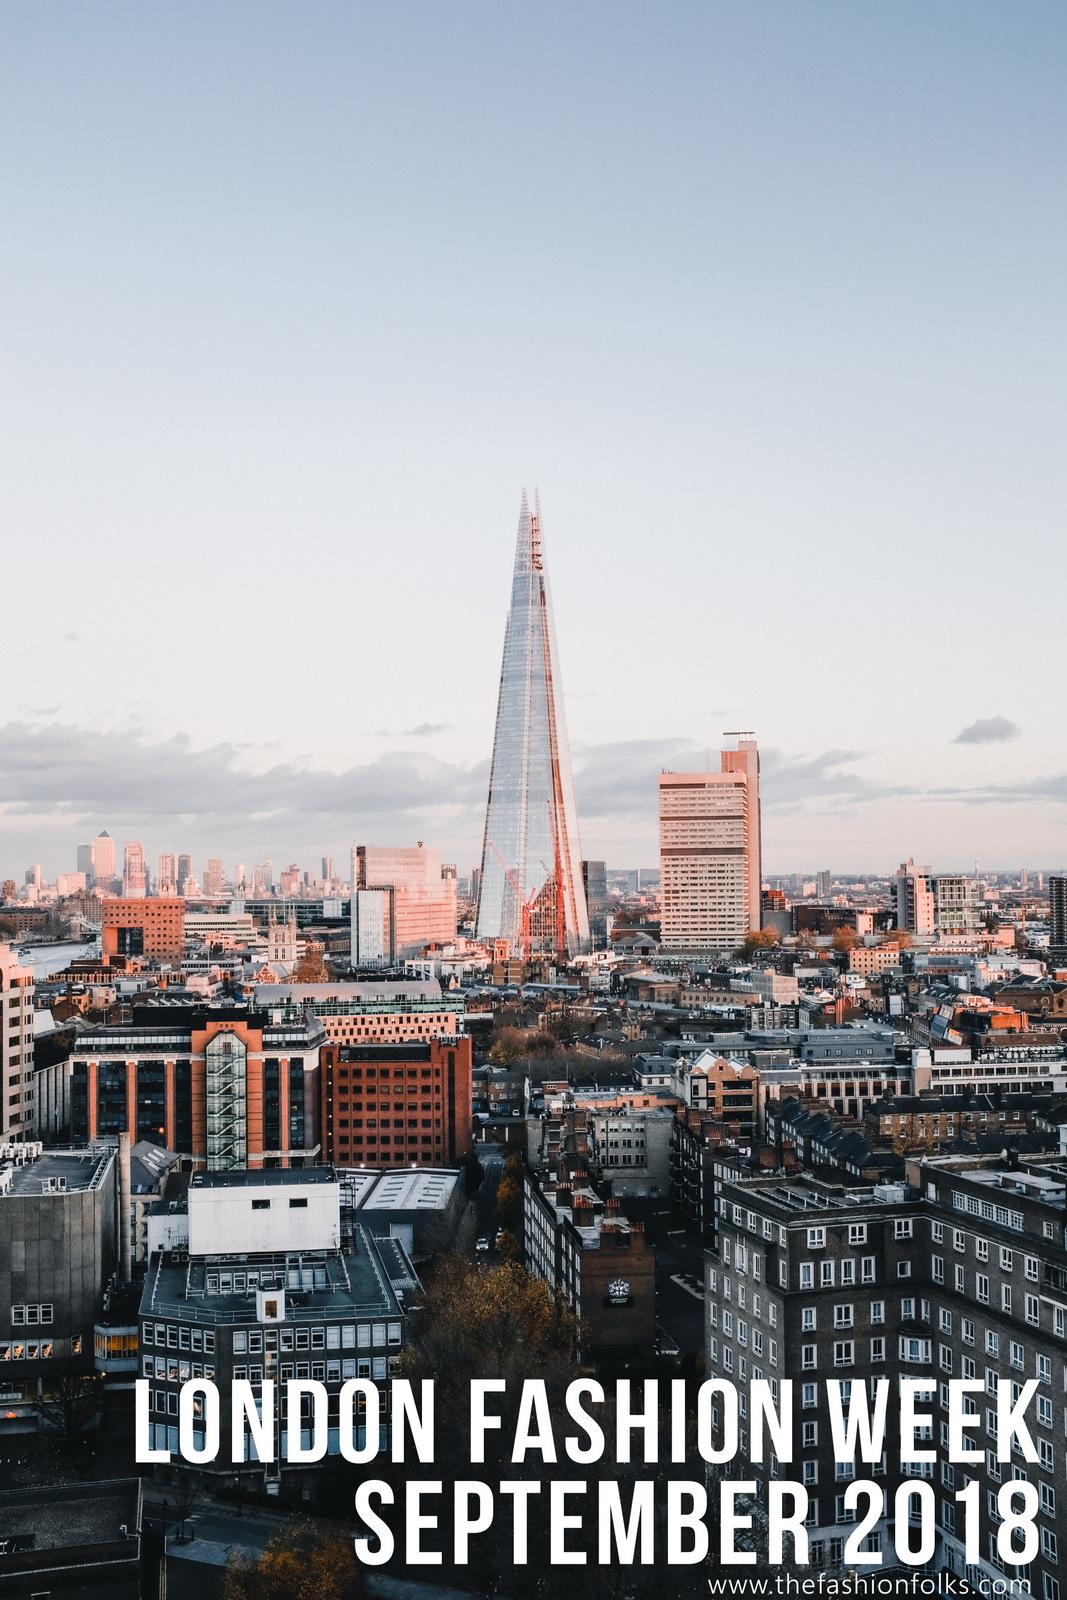 London Fashion Week September 2018 - LFW September 2018